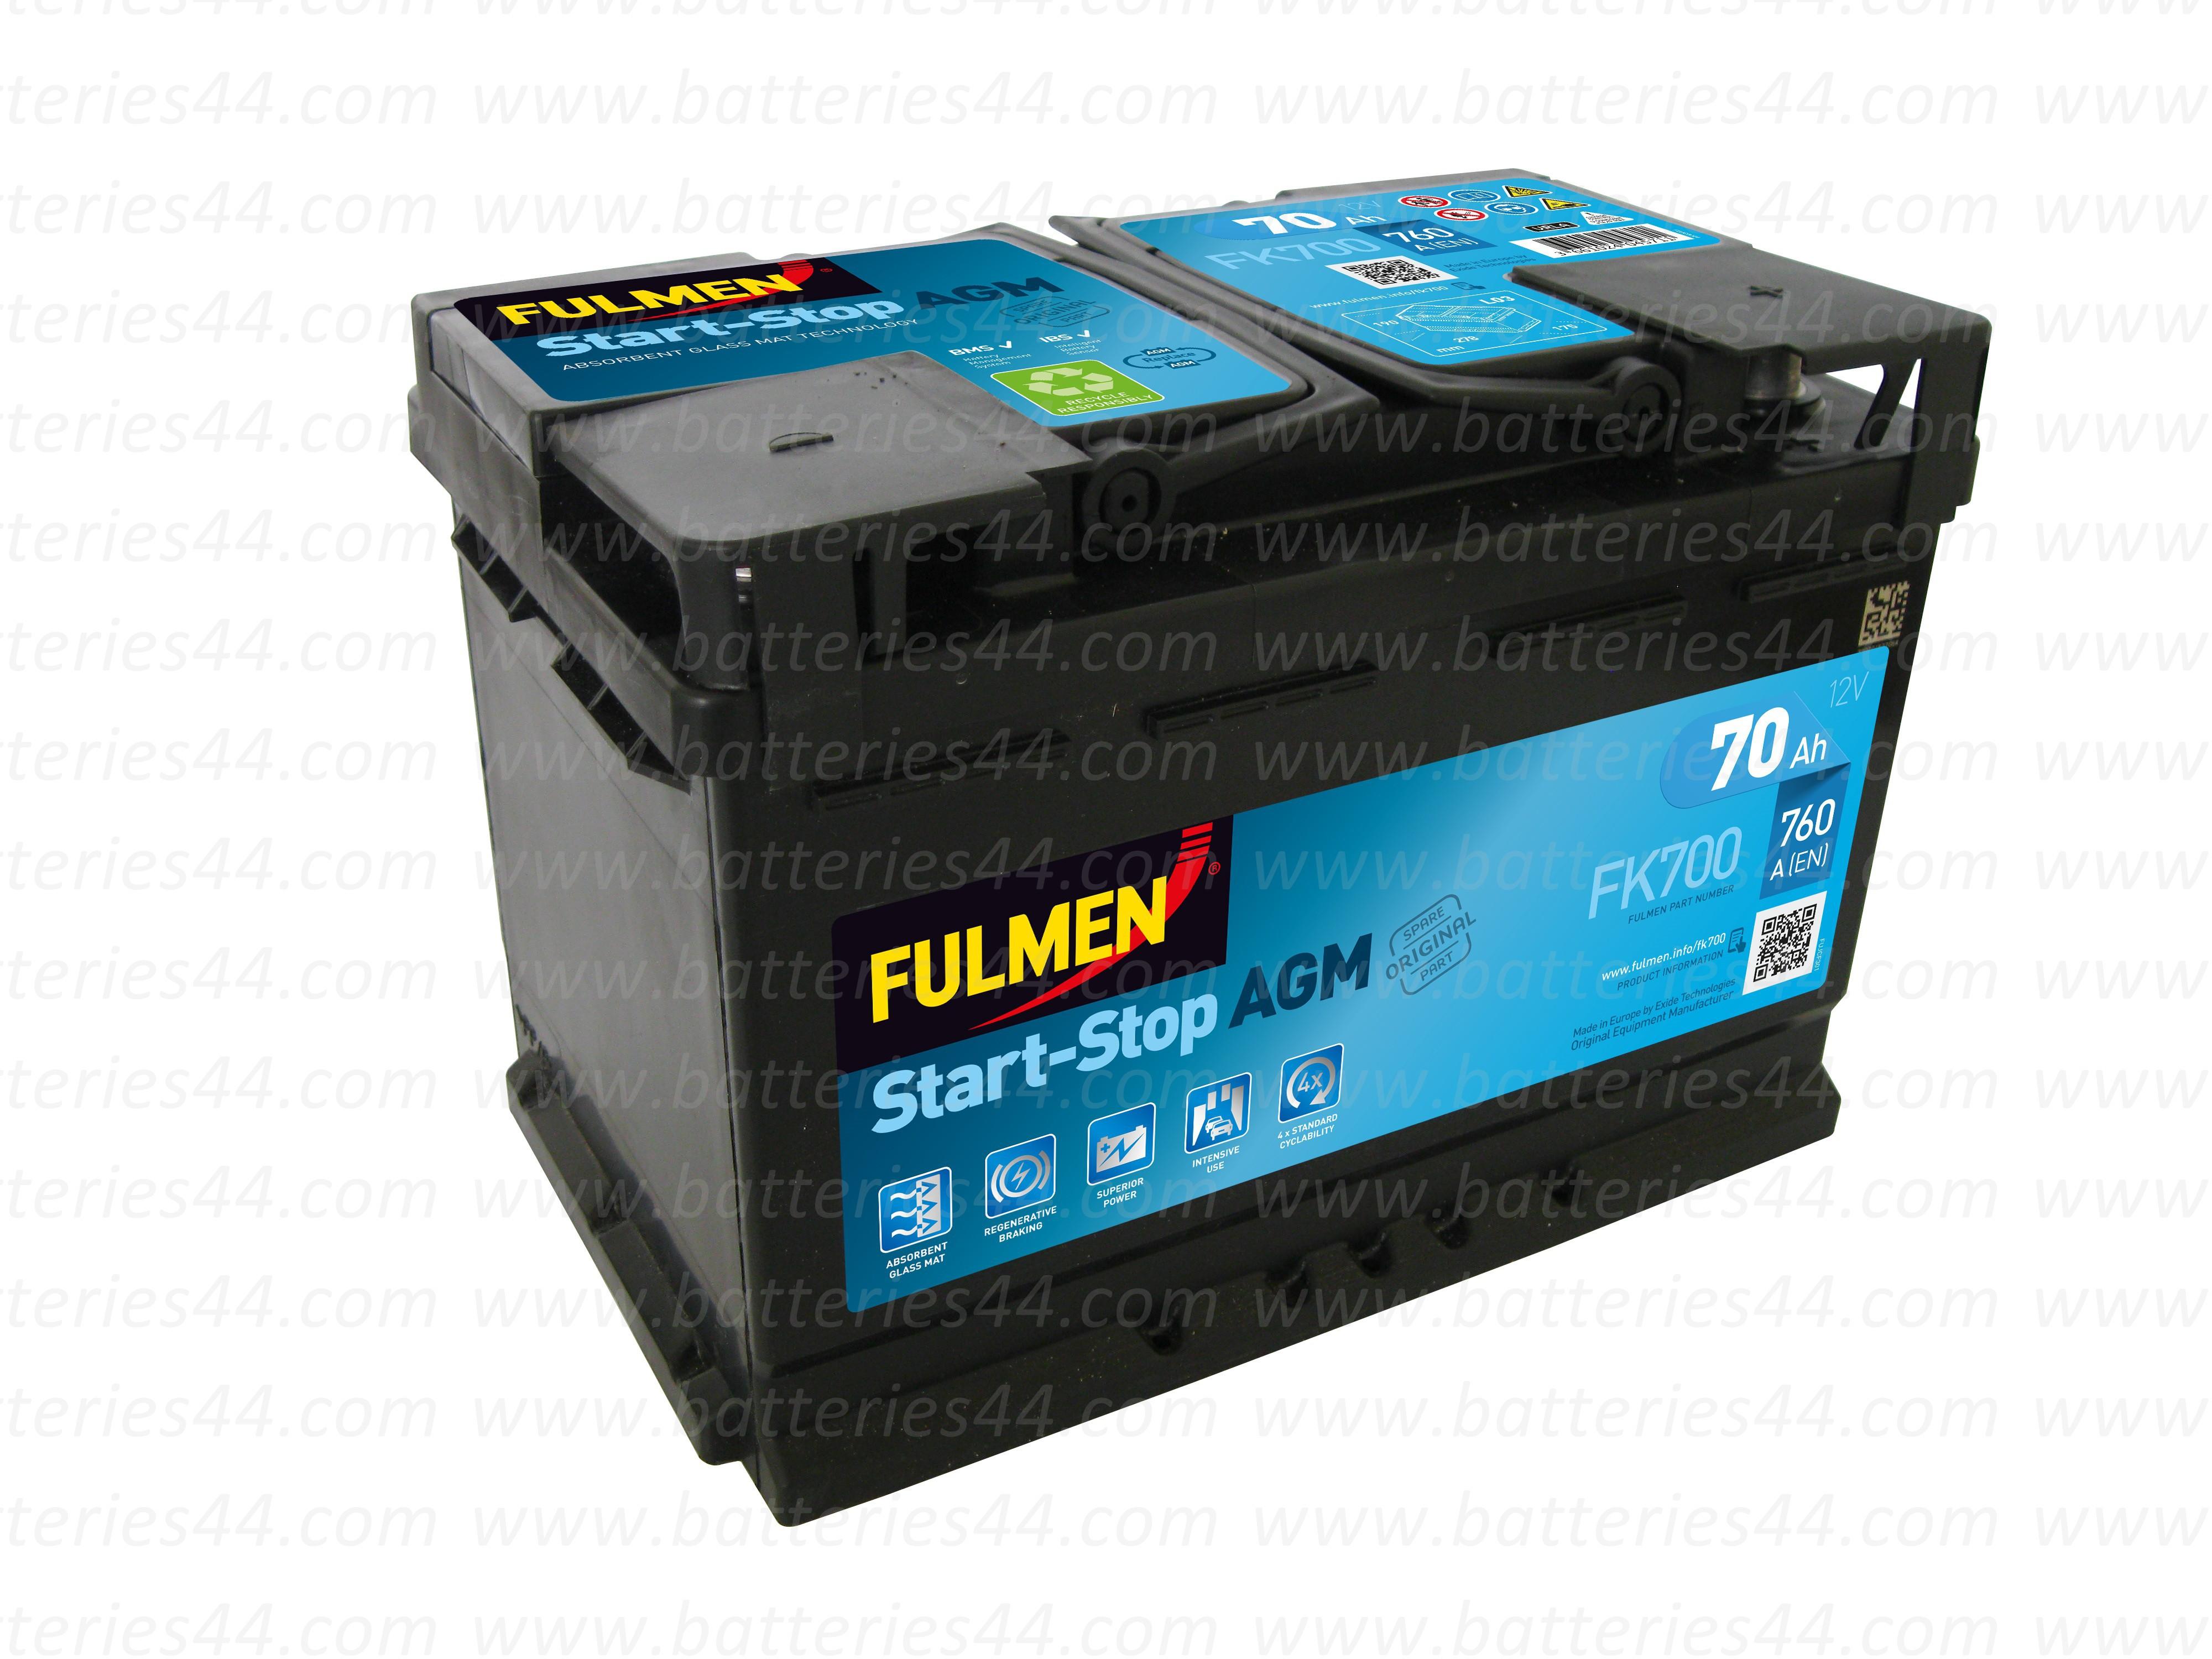 Batterie Fulmen FK700 12V...